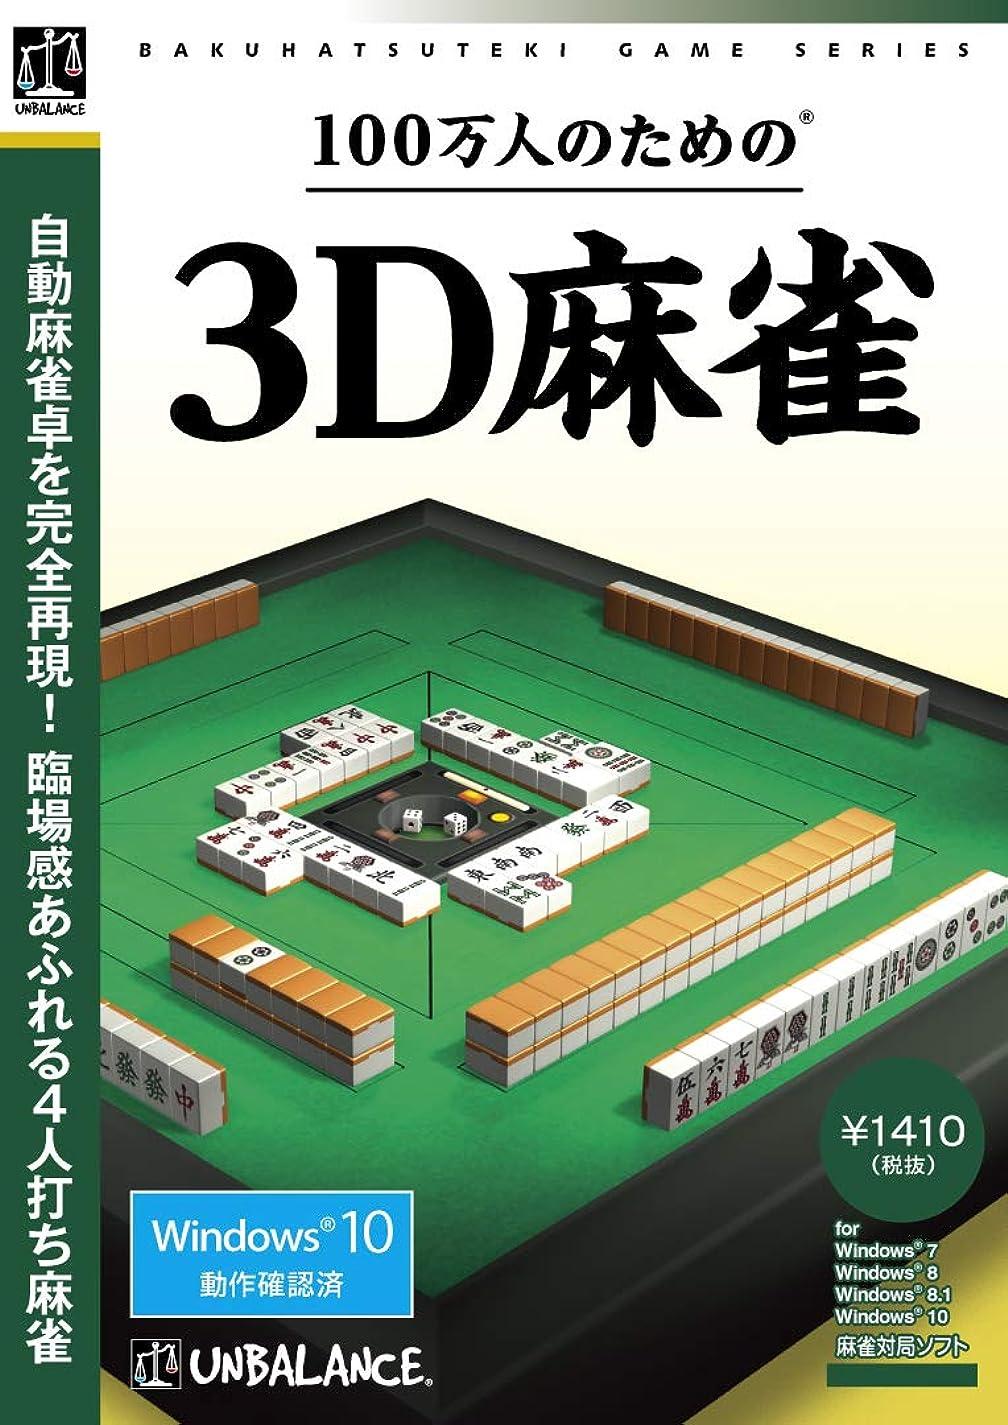 めったにまた関係爆発的1480シリーズ ベストセレクション 100万人のための3D麻雀